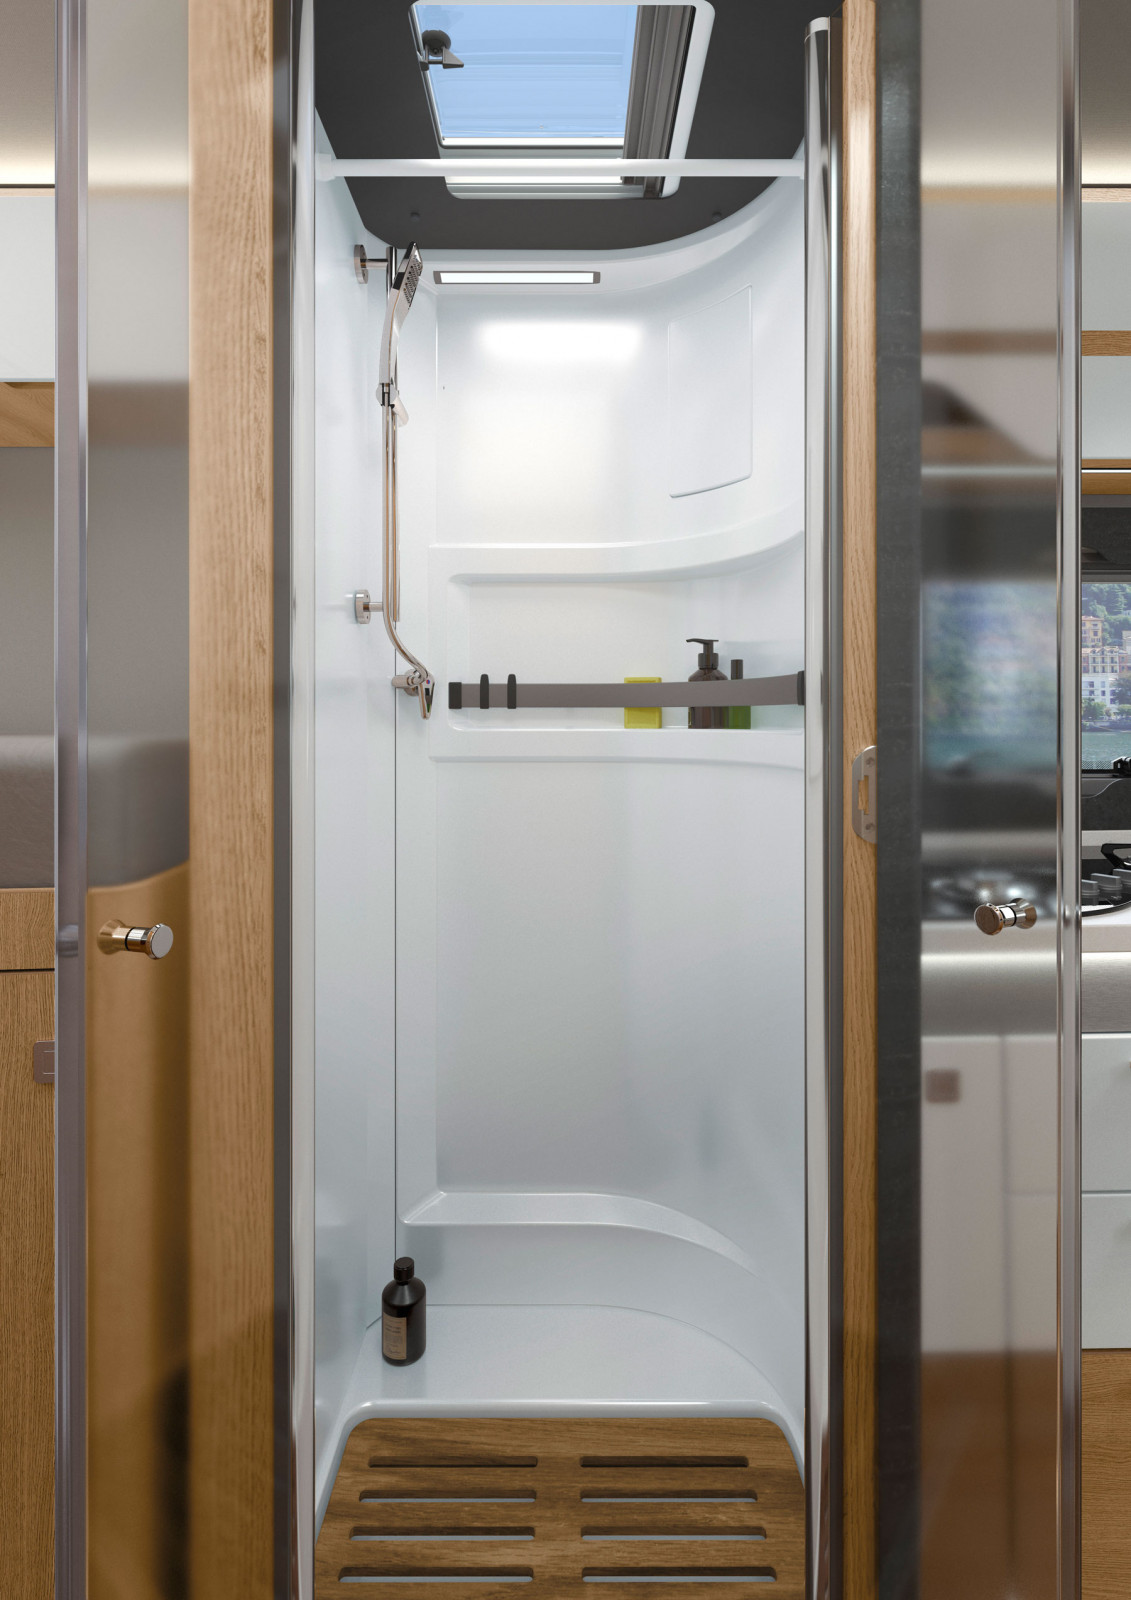 Samostatná sprcha v kúpeľni Hymermobil B-Klasse MasterLine ponúka dostatok voľného pohybu a pohodlia.